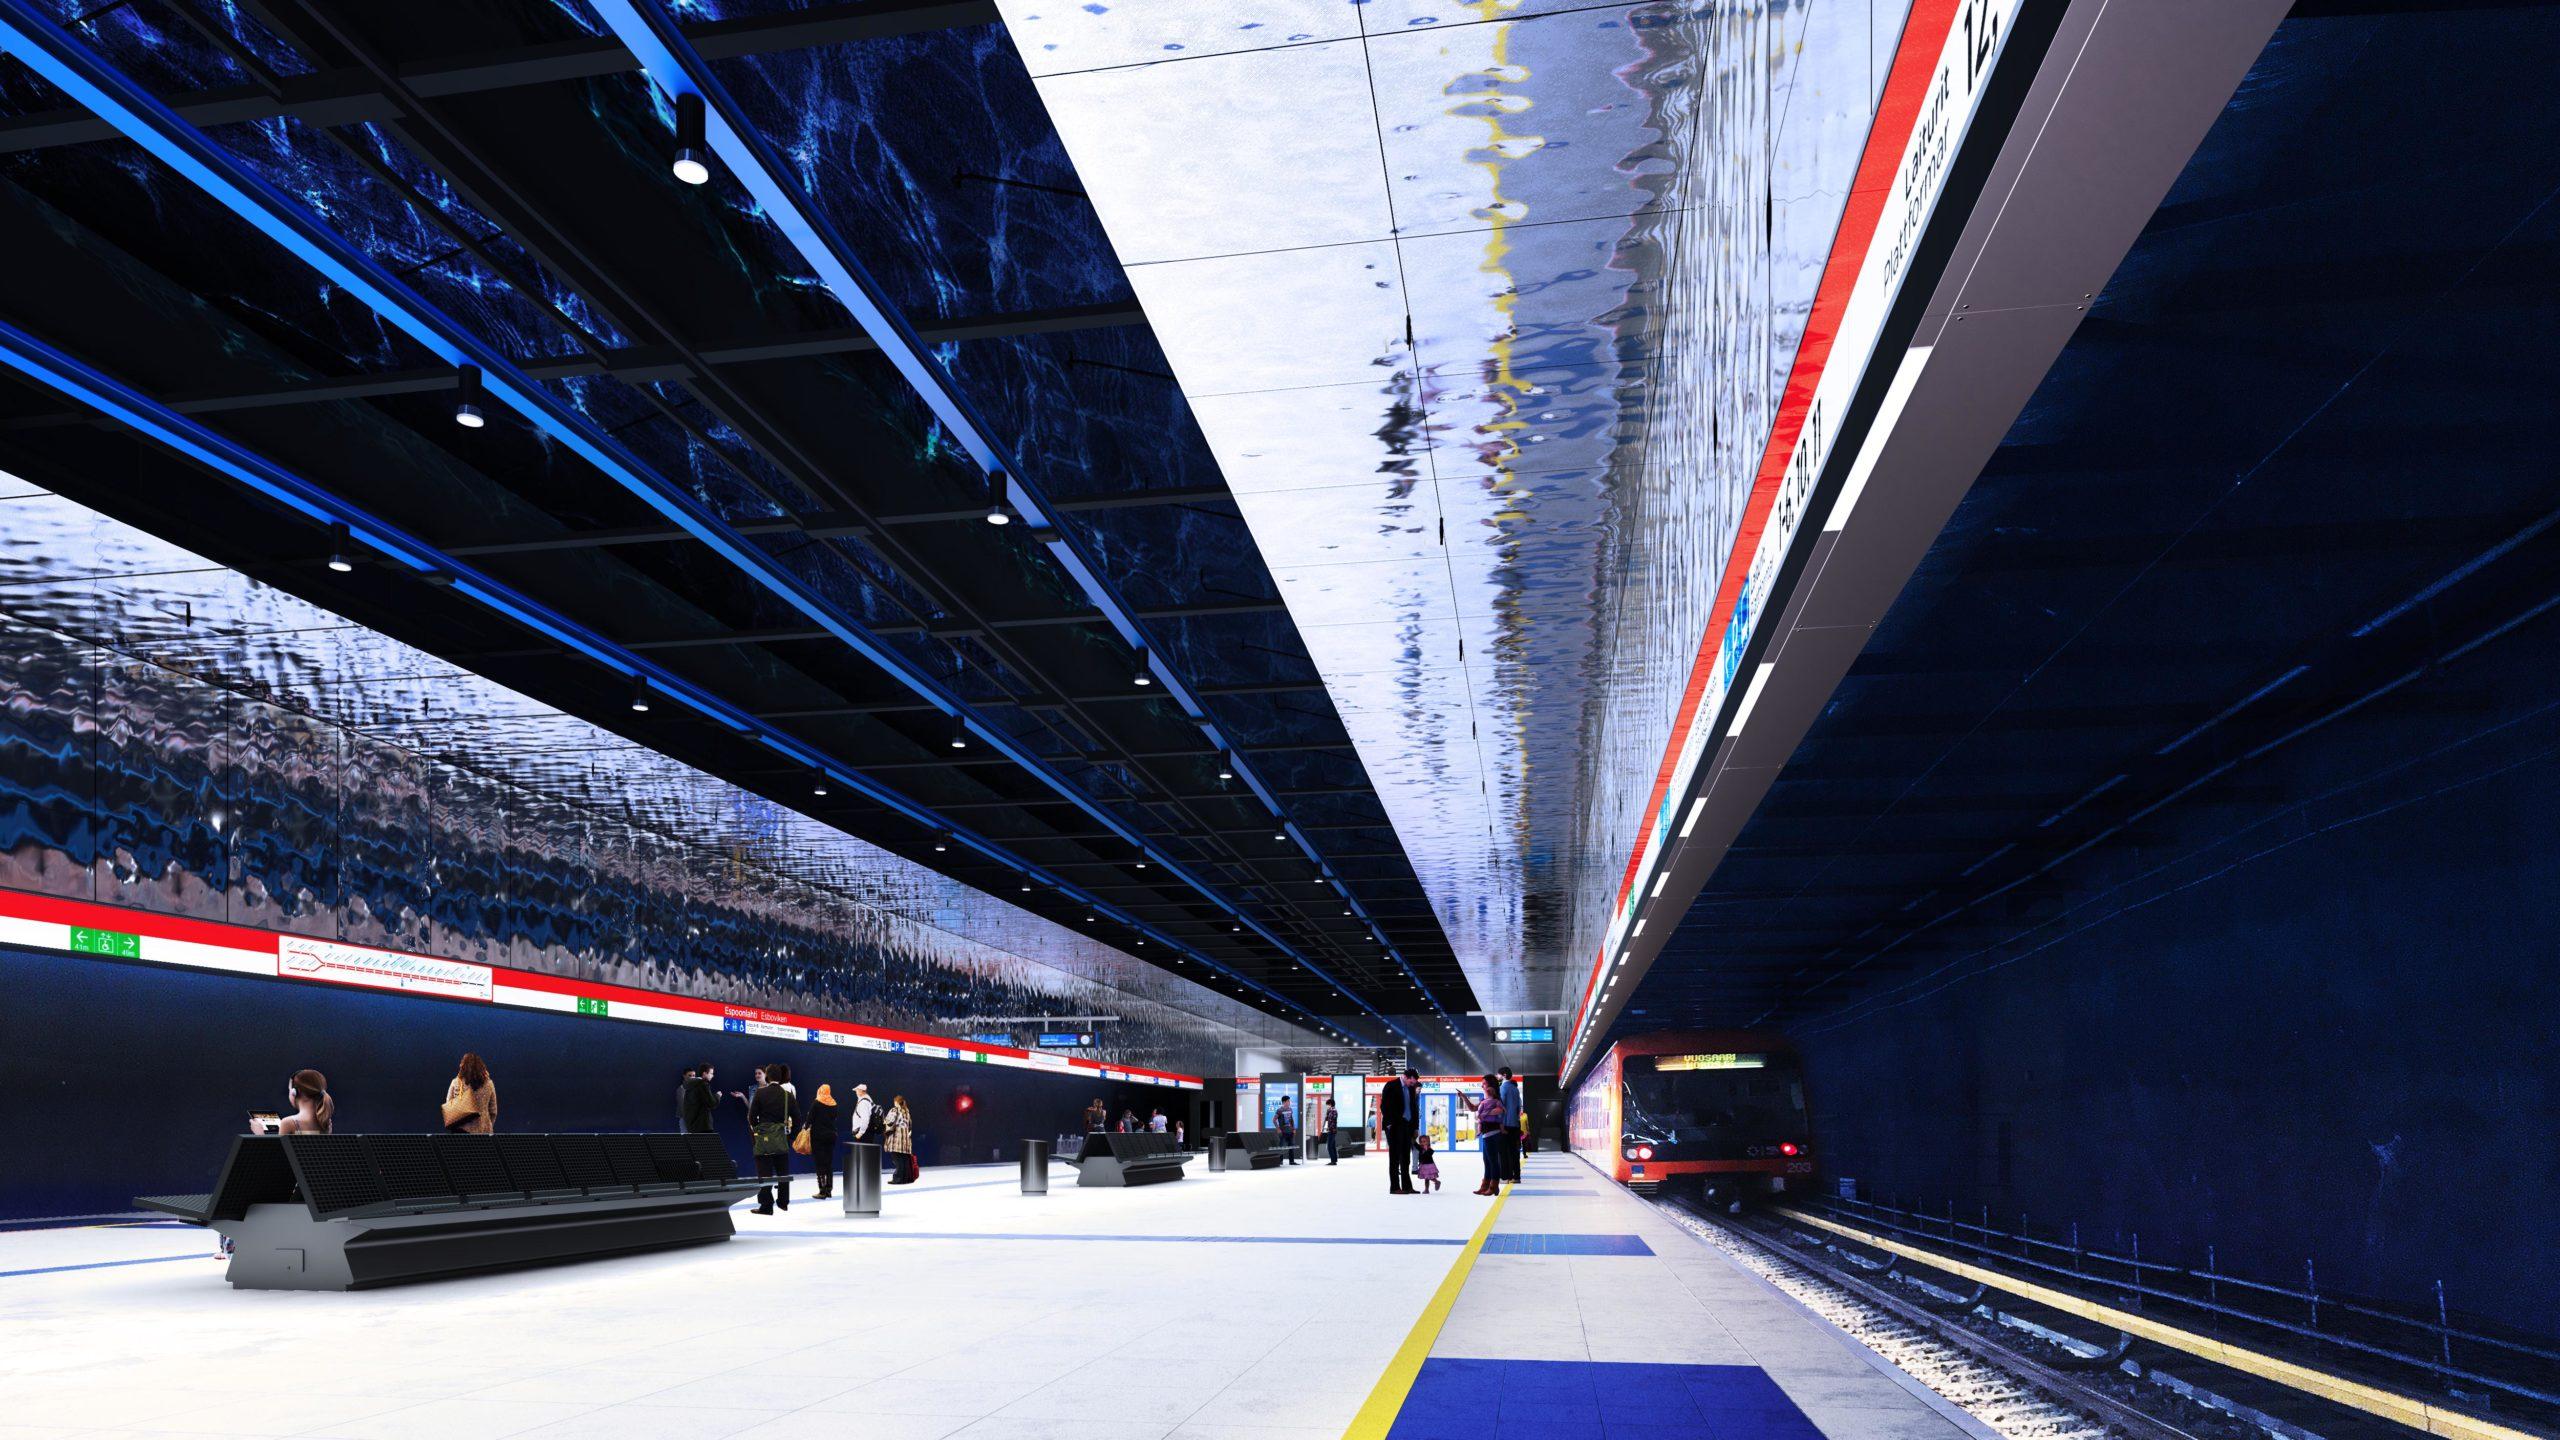 Havainnekuva tulevan Espoonlahden metroaseman asemalaiturilta. Aseman tunnelma on lainattu läheisen uimahallin väri-, valo- ja materiaalipaletista. Vedenpinnan väreilyä ja heijastuvaa valoa imitoidaan kromipinnoilla. Laiturihalli on valaistu kirkkaalla valkoisella valolla. Laituritasolla voi seinien ja katon väreilevien kromipintojen heijastuksien ansiosta tuntea olevansa jättimäisen kilpauintialtaan pohjalla.